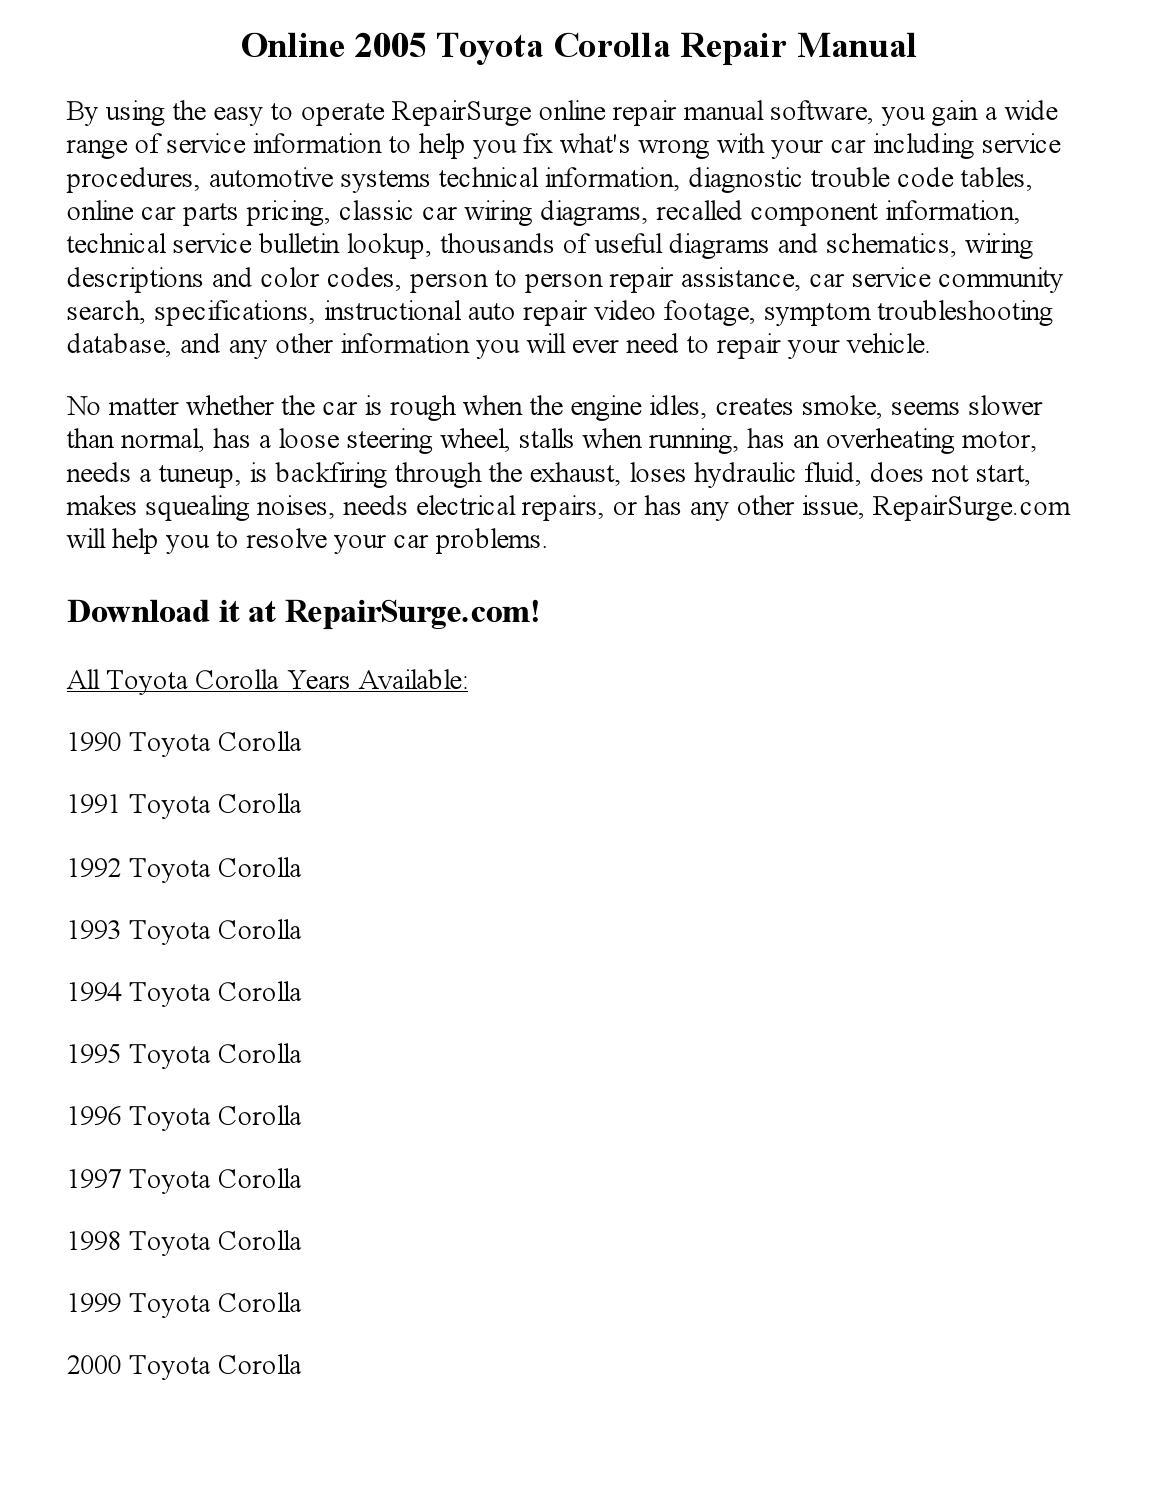 Toyota Corolla Repair Manual: Problem symptoms table